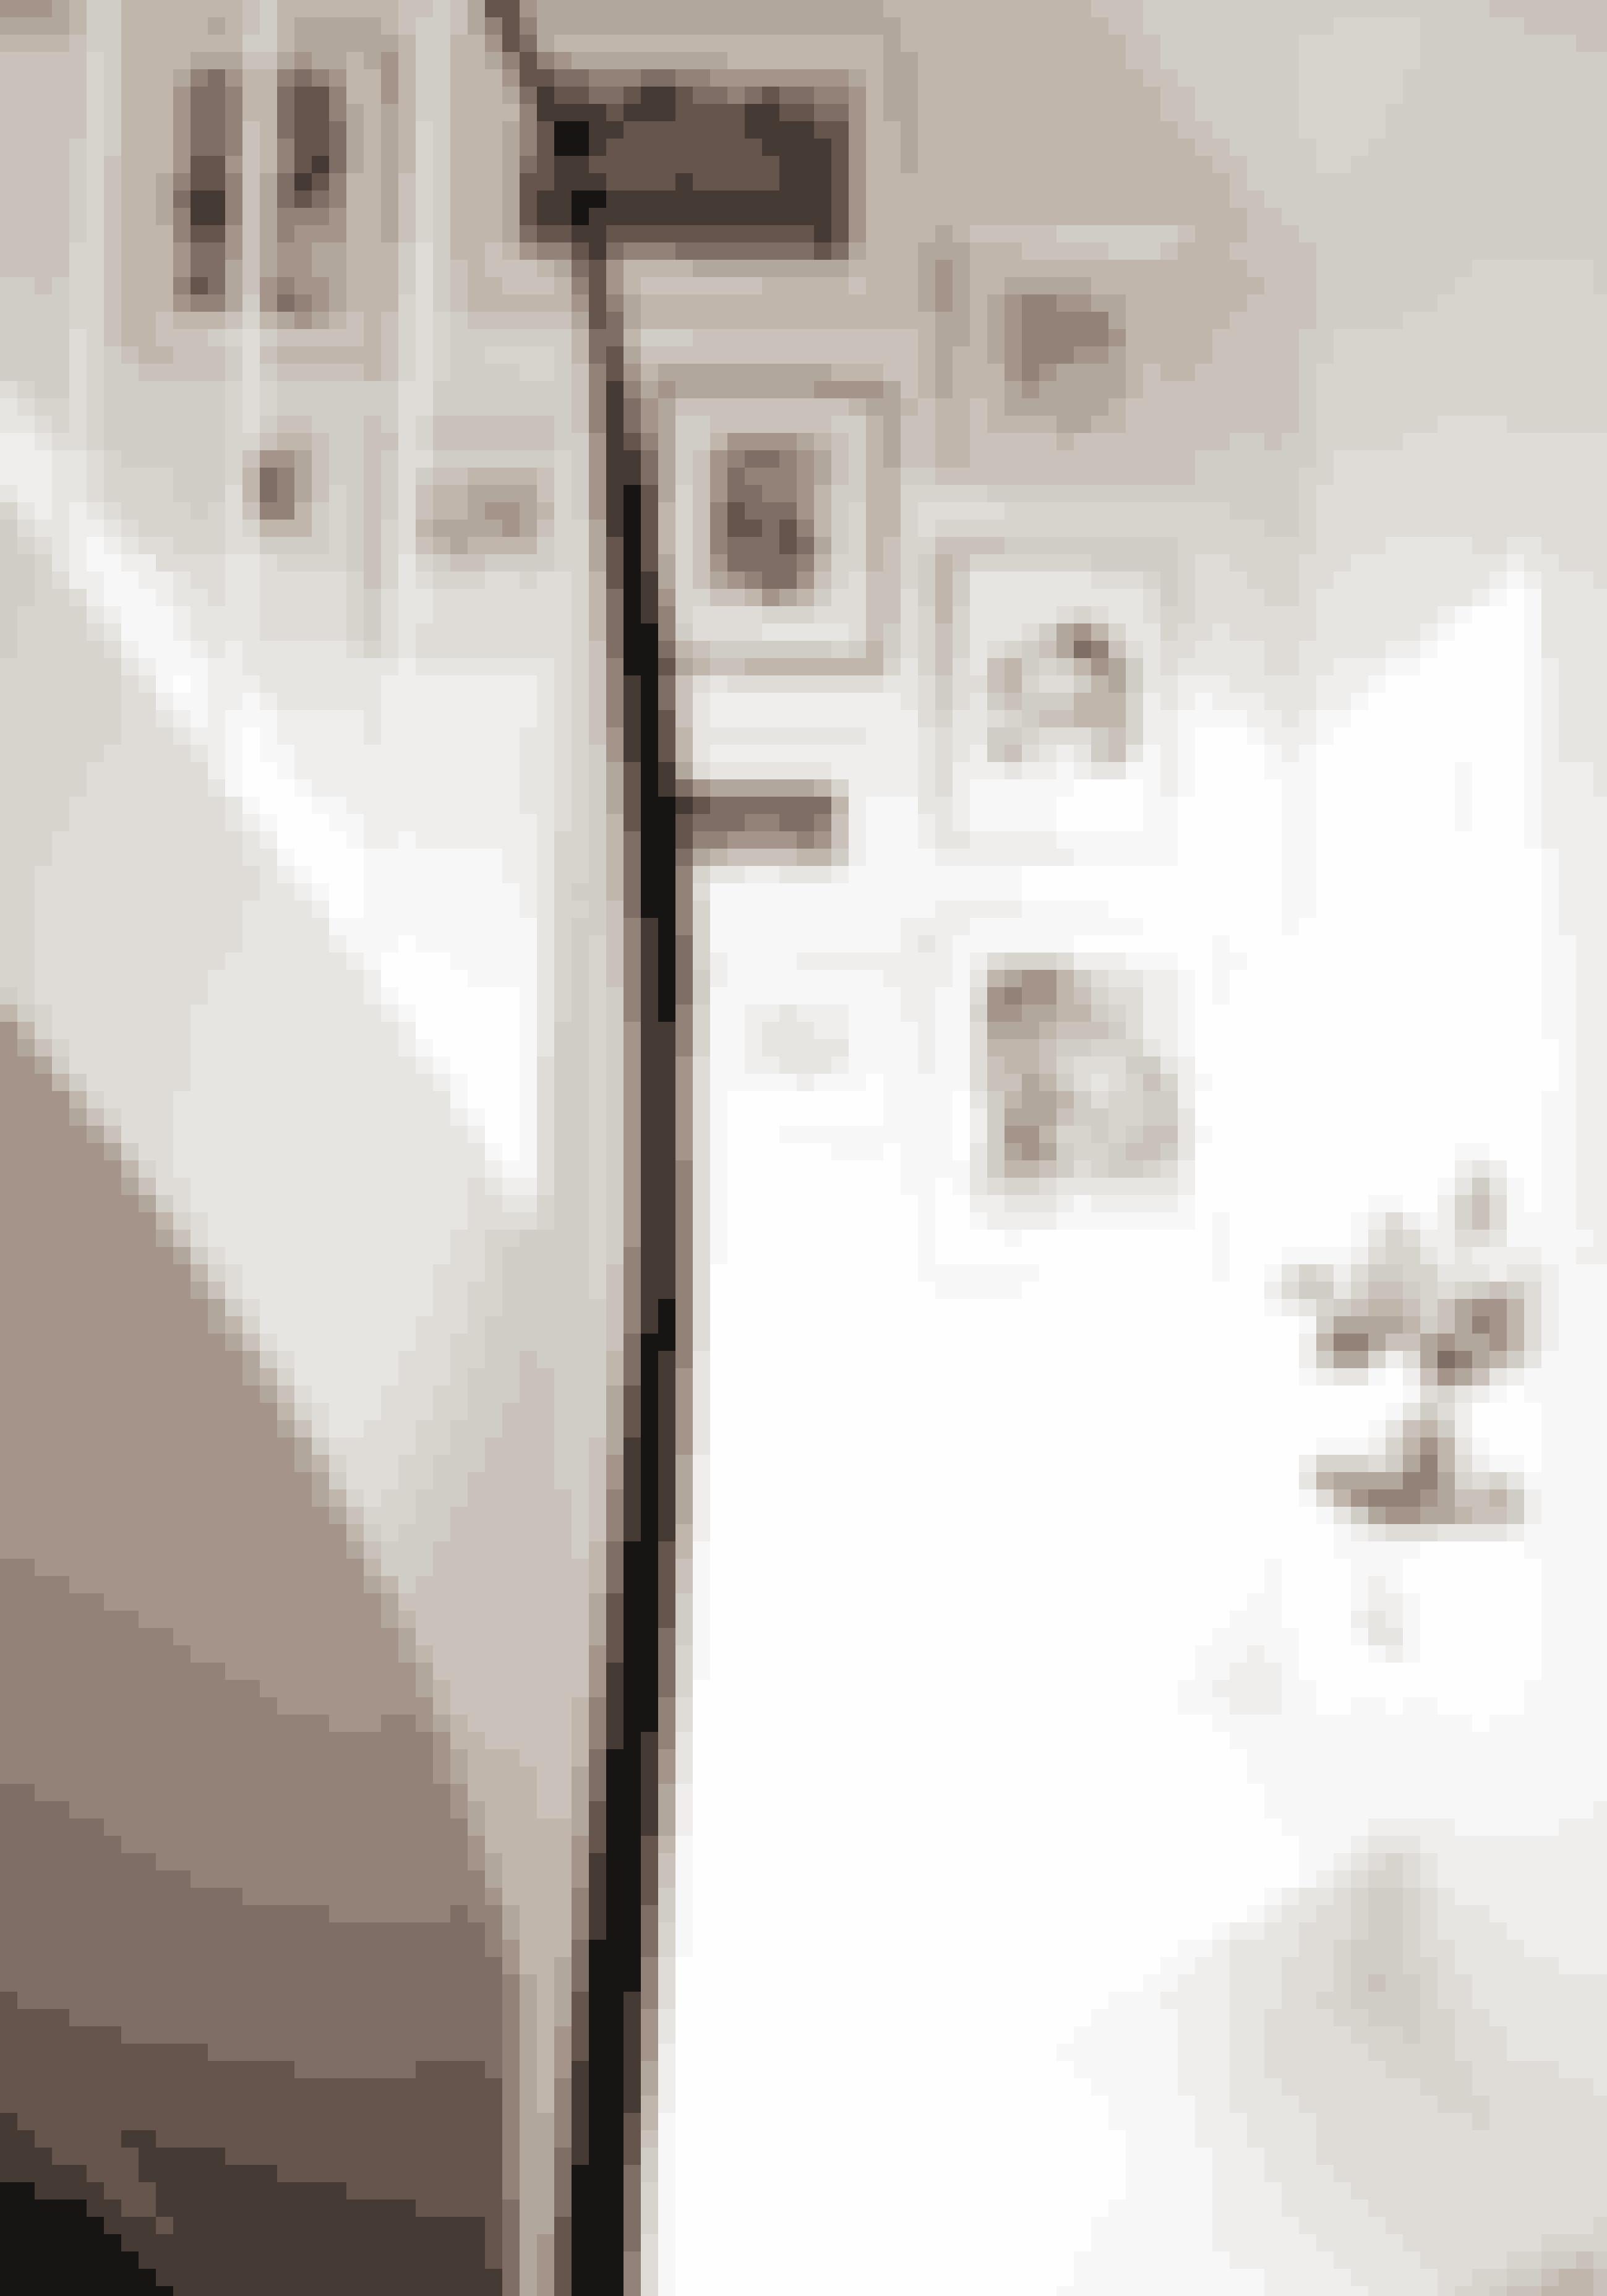 Lav en billedvæg på væggen, der går op langs trappen. Så har du altid noget at kigge på, mens du går op ad trappen.